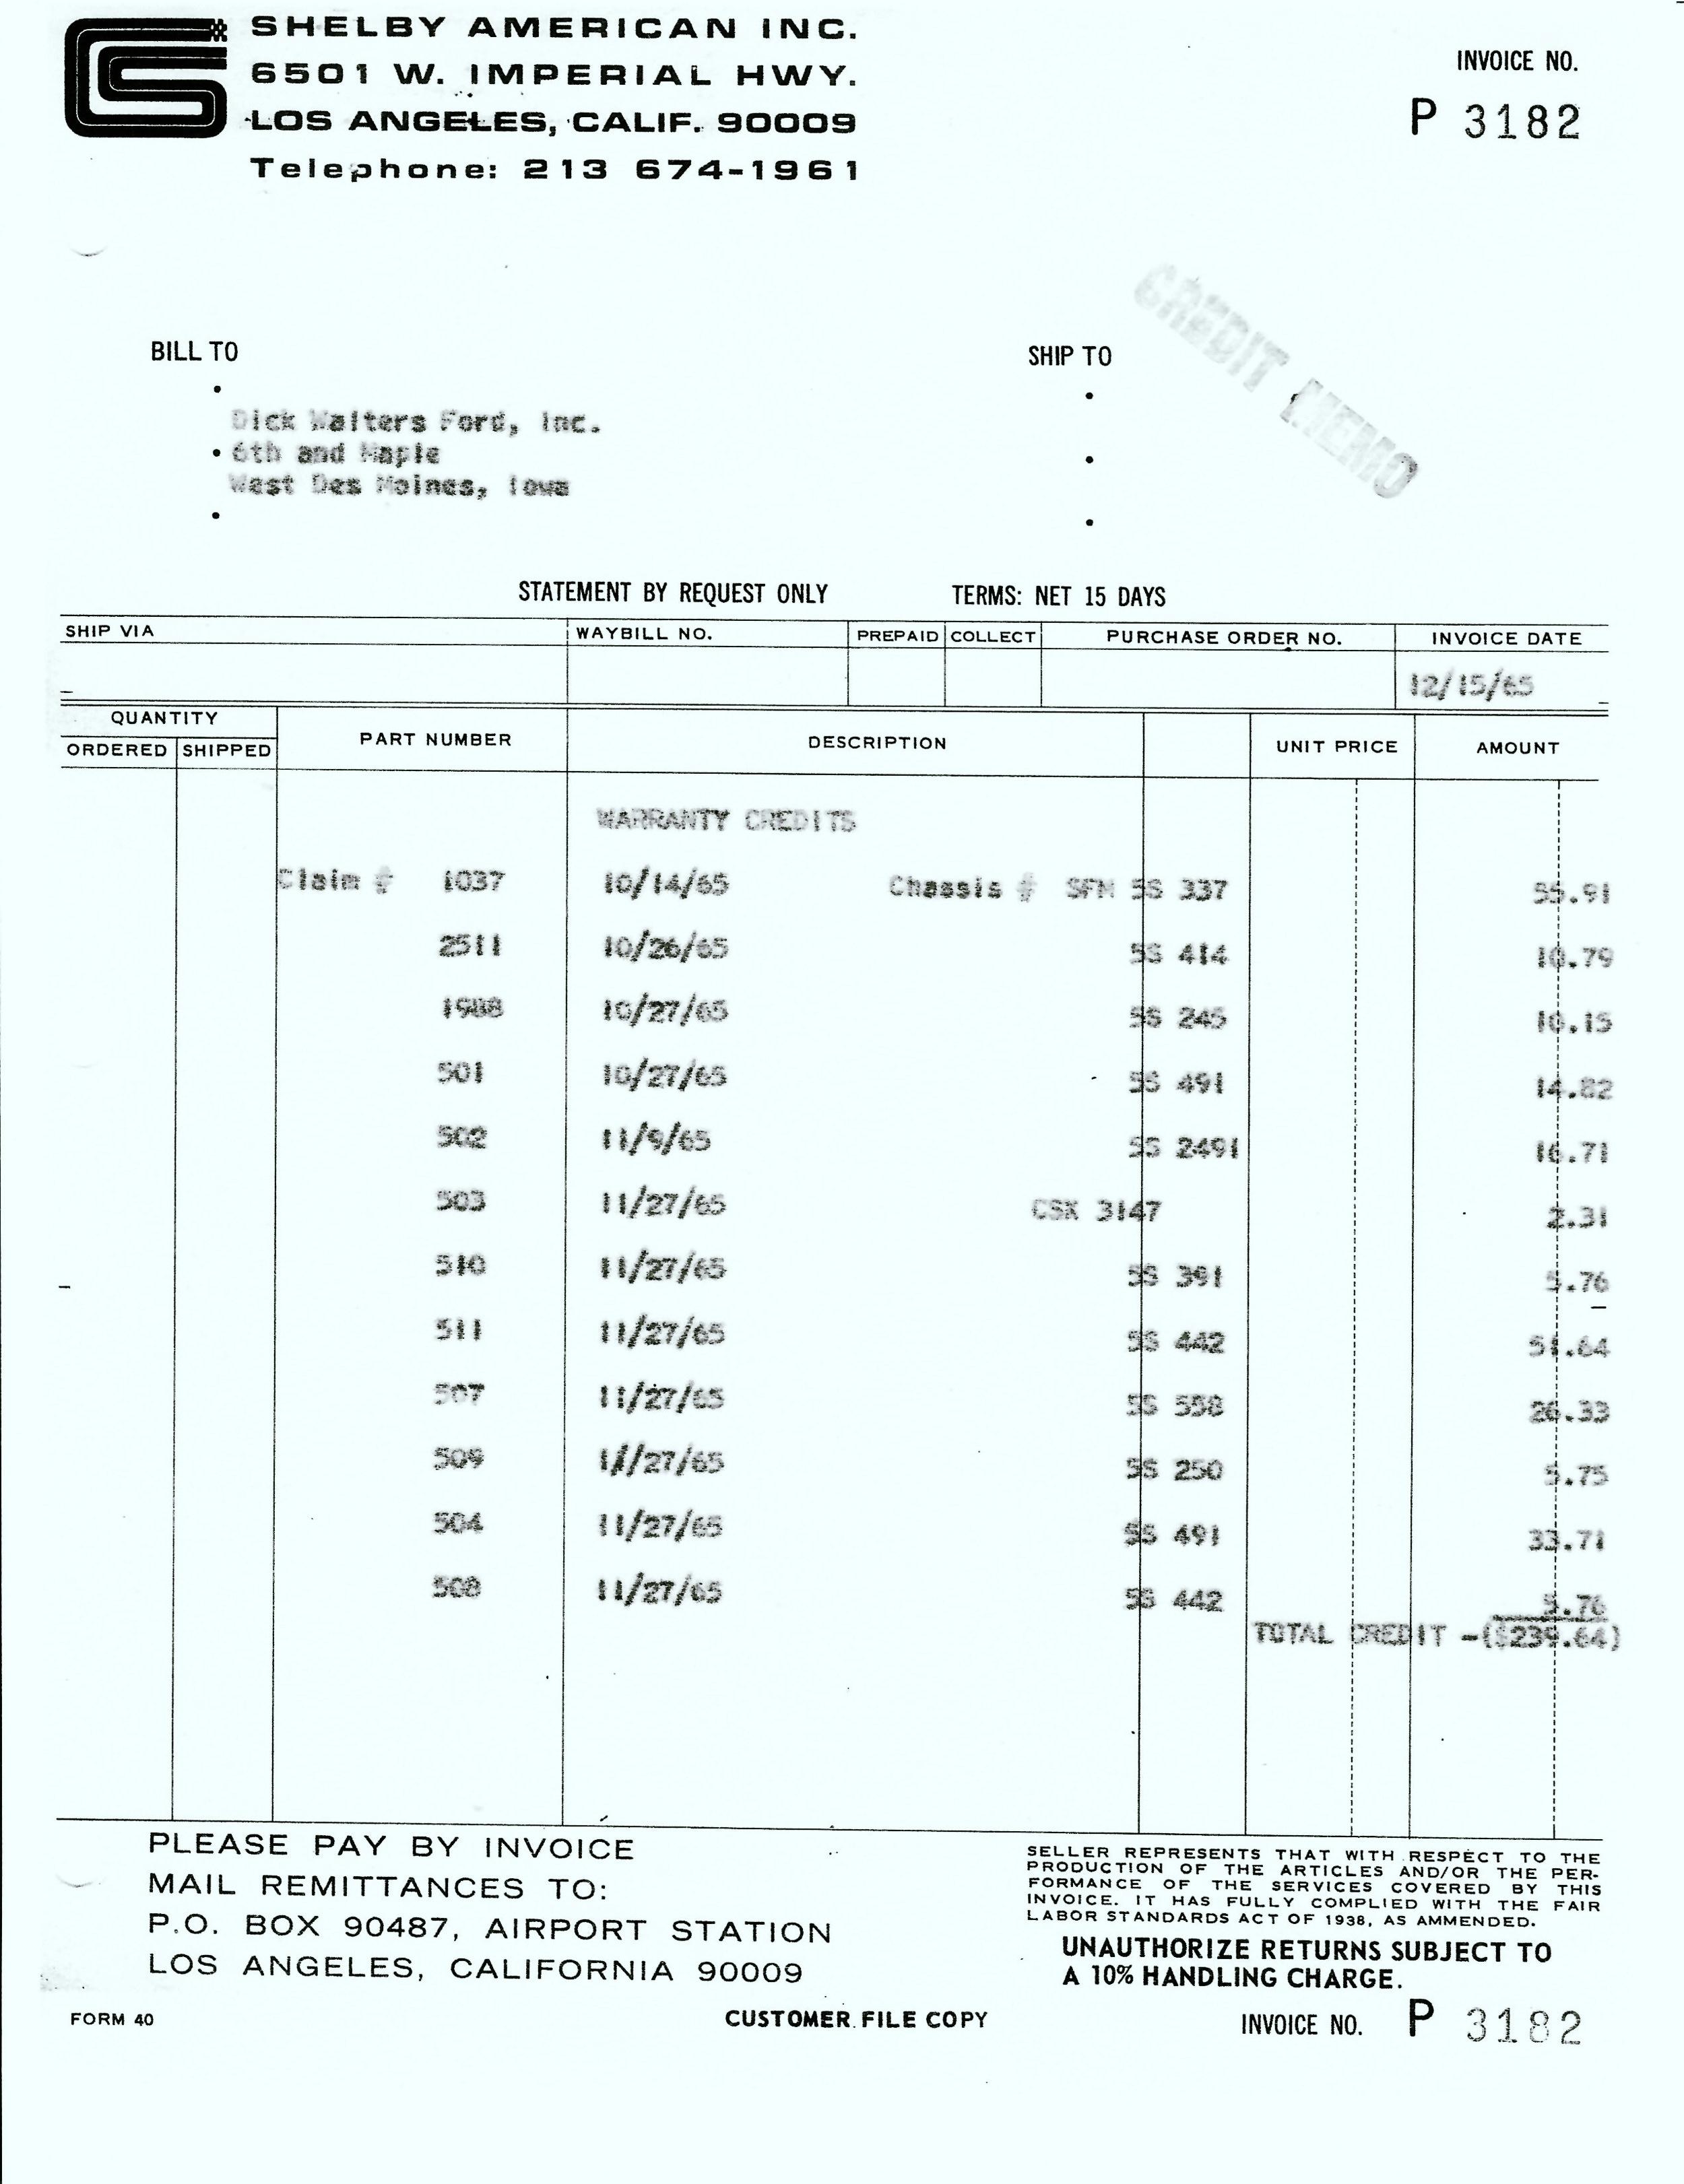 1965 12-15 SAAC Invoice P3182 Credit Memo.jpeg